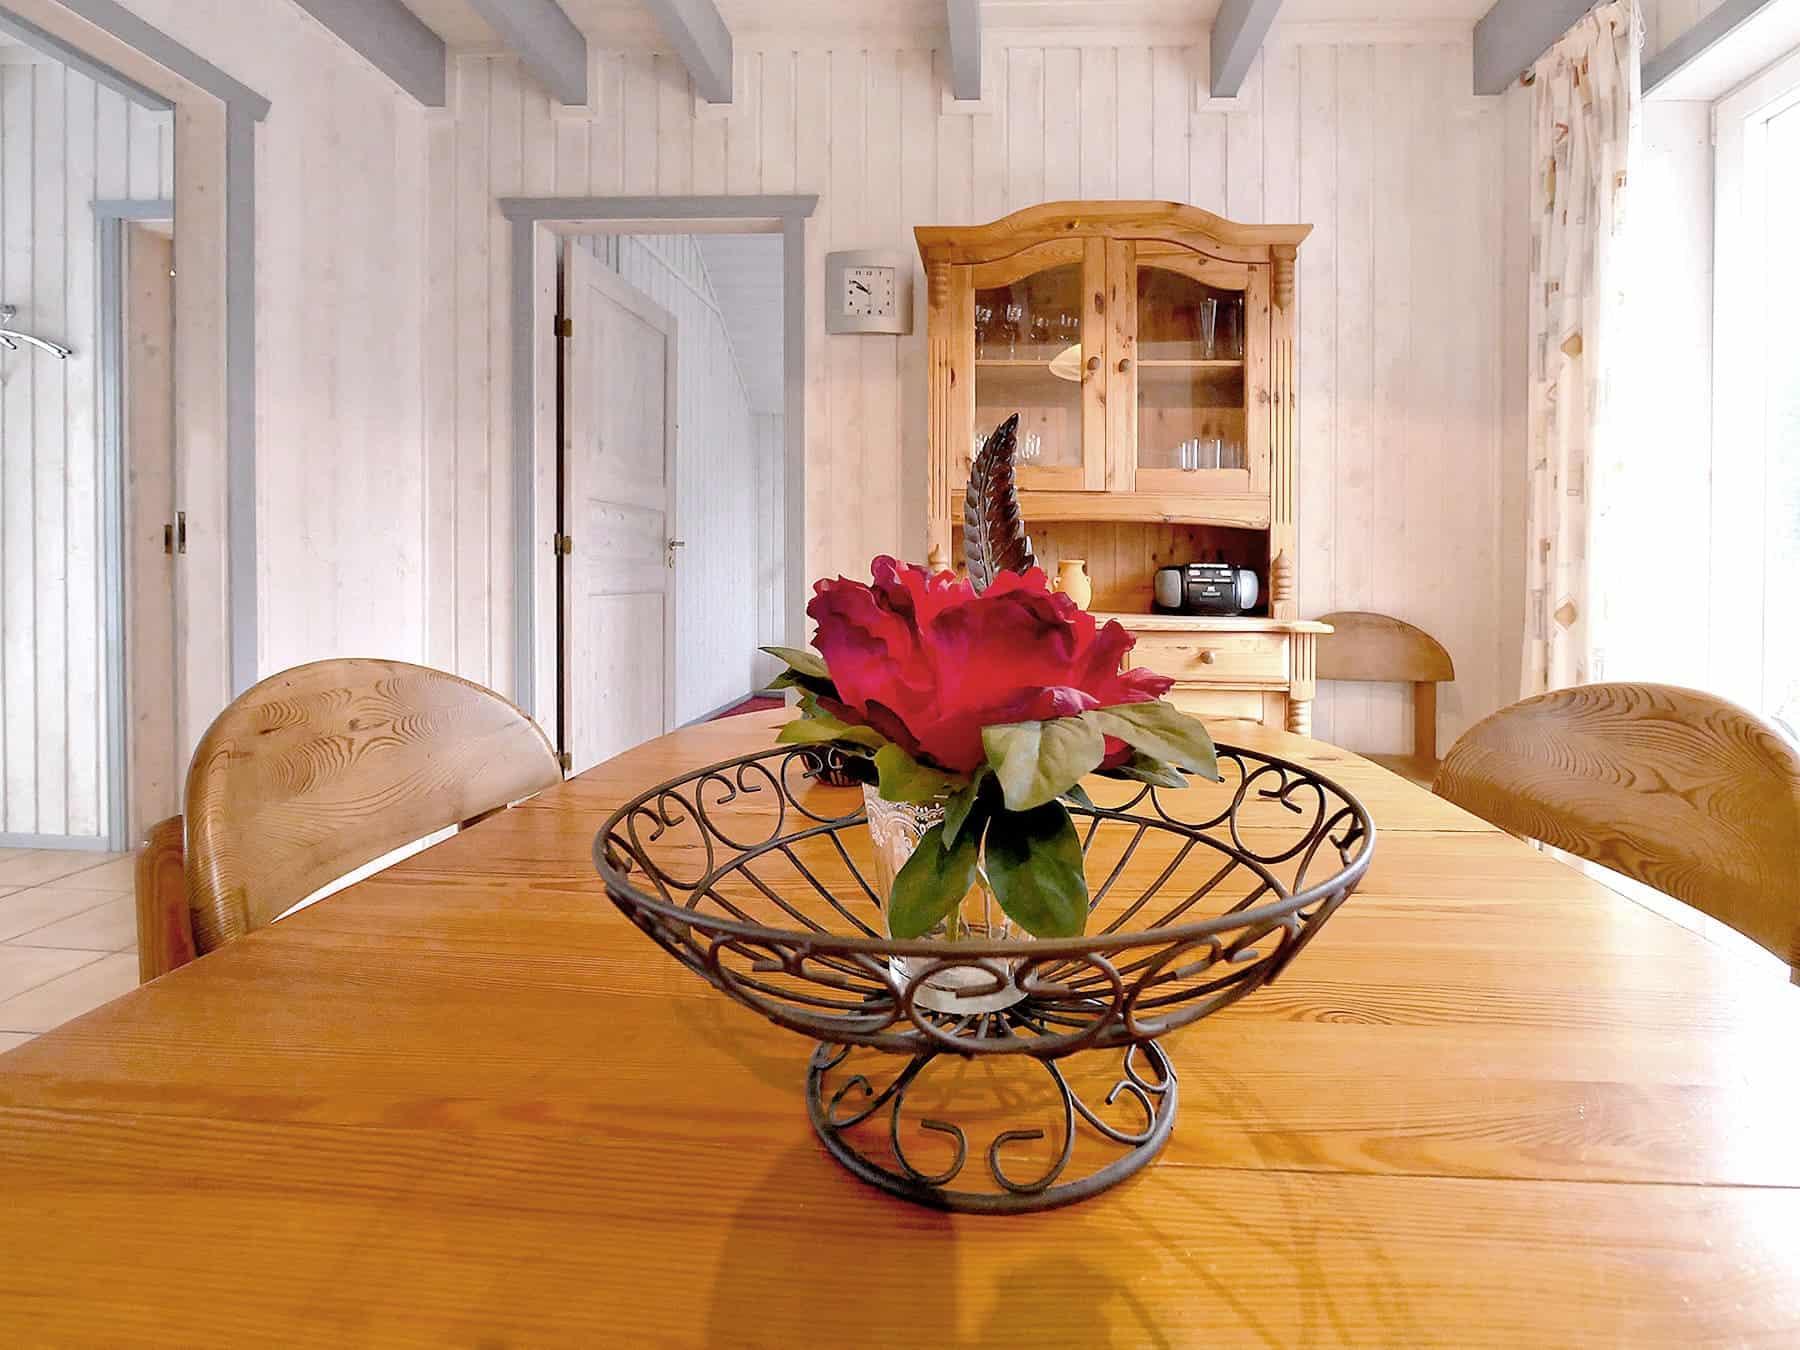 Essbereich für die ganze Familie im Ferienhaus Seestern / Seerose in Wendisch Rietz